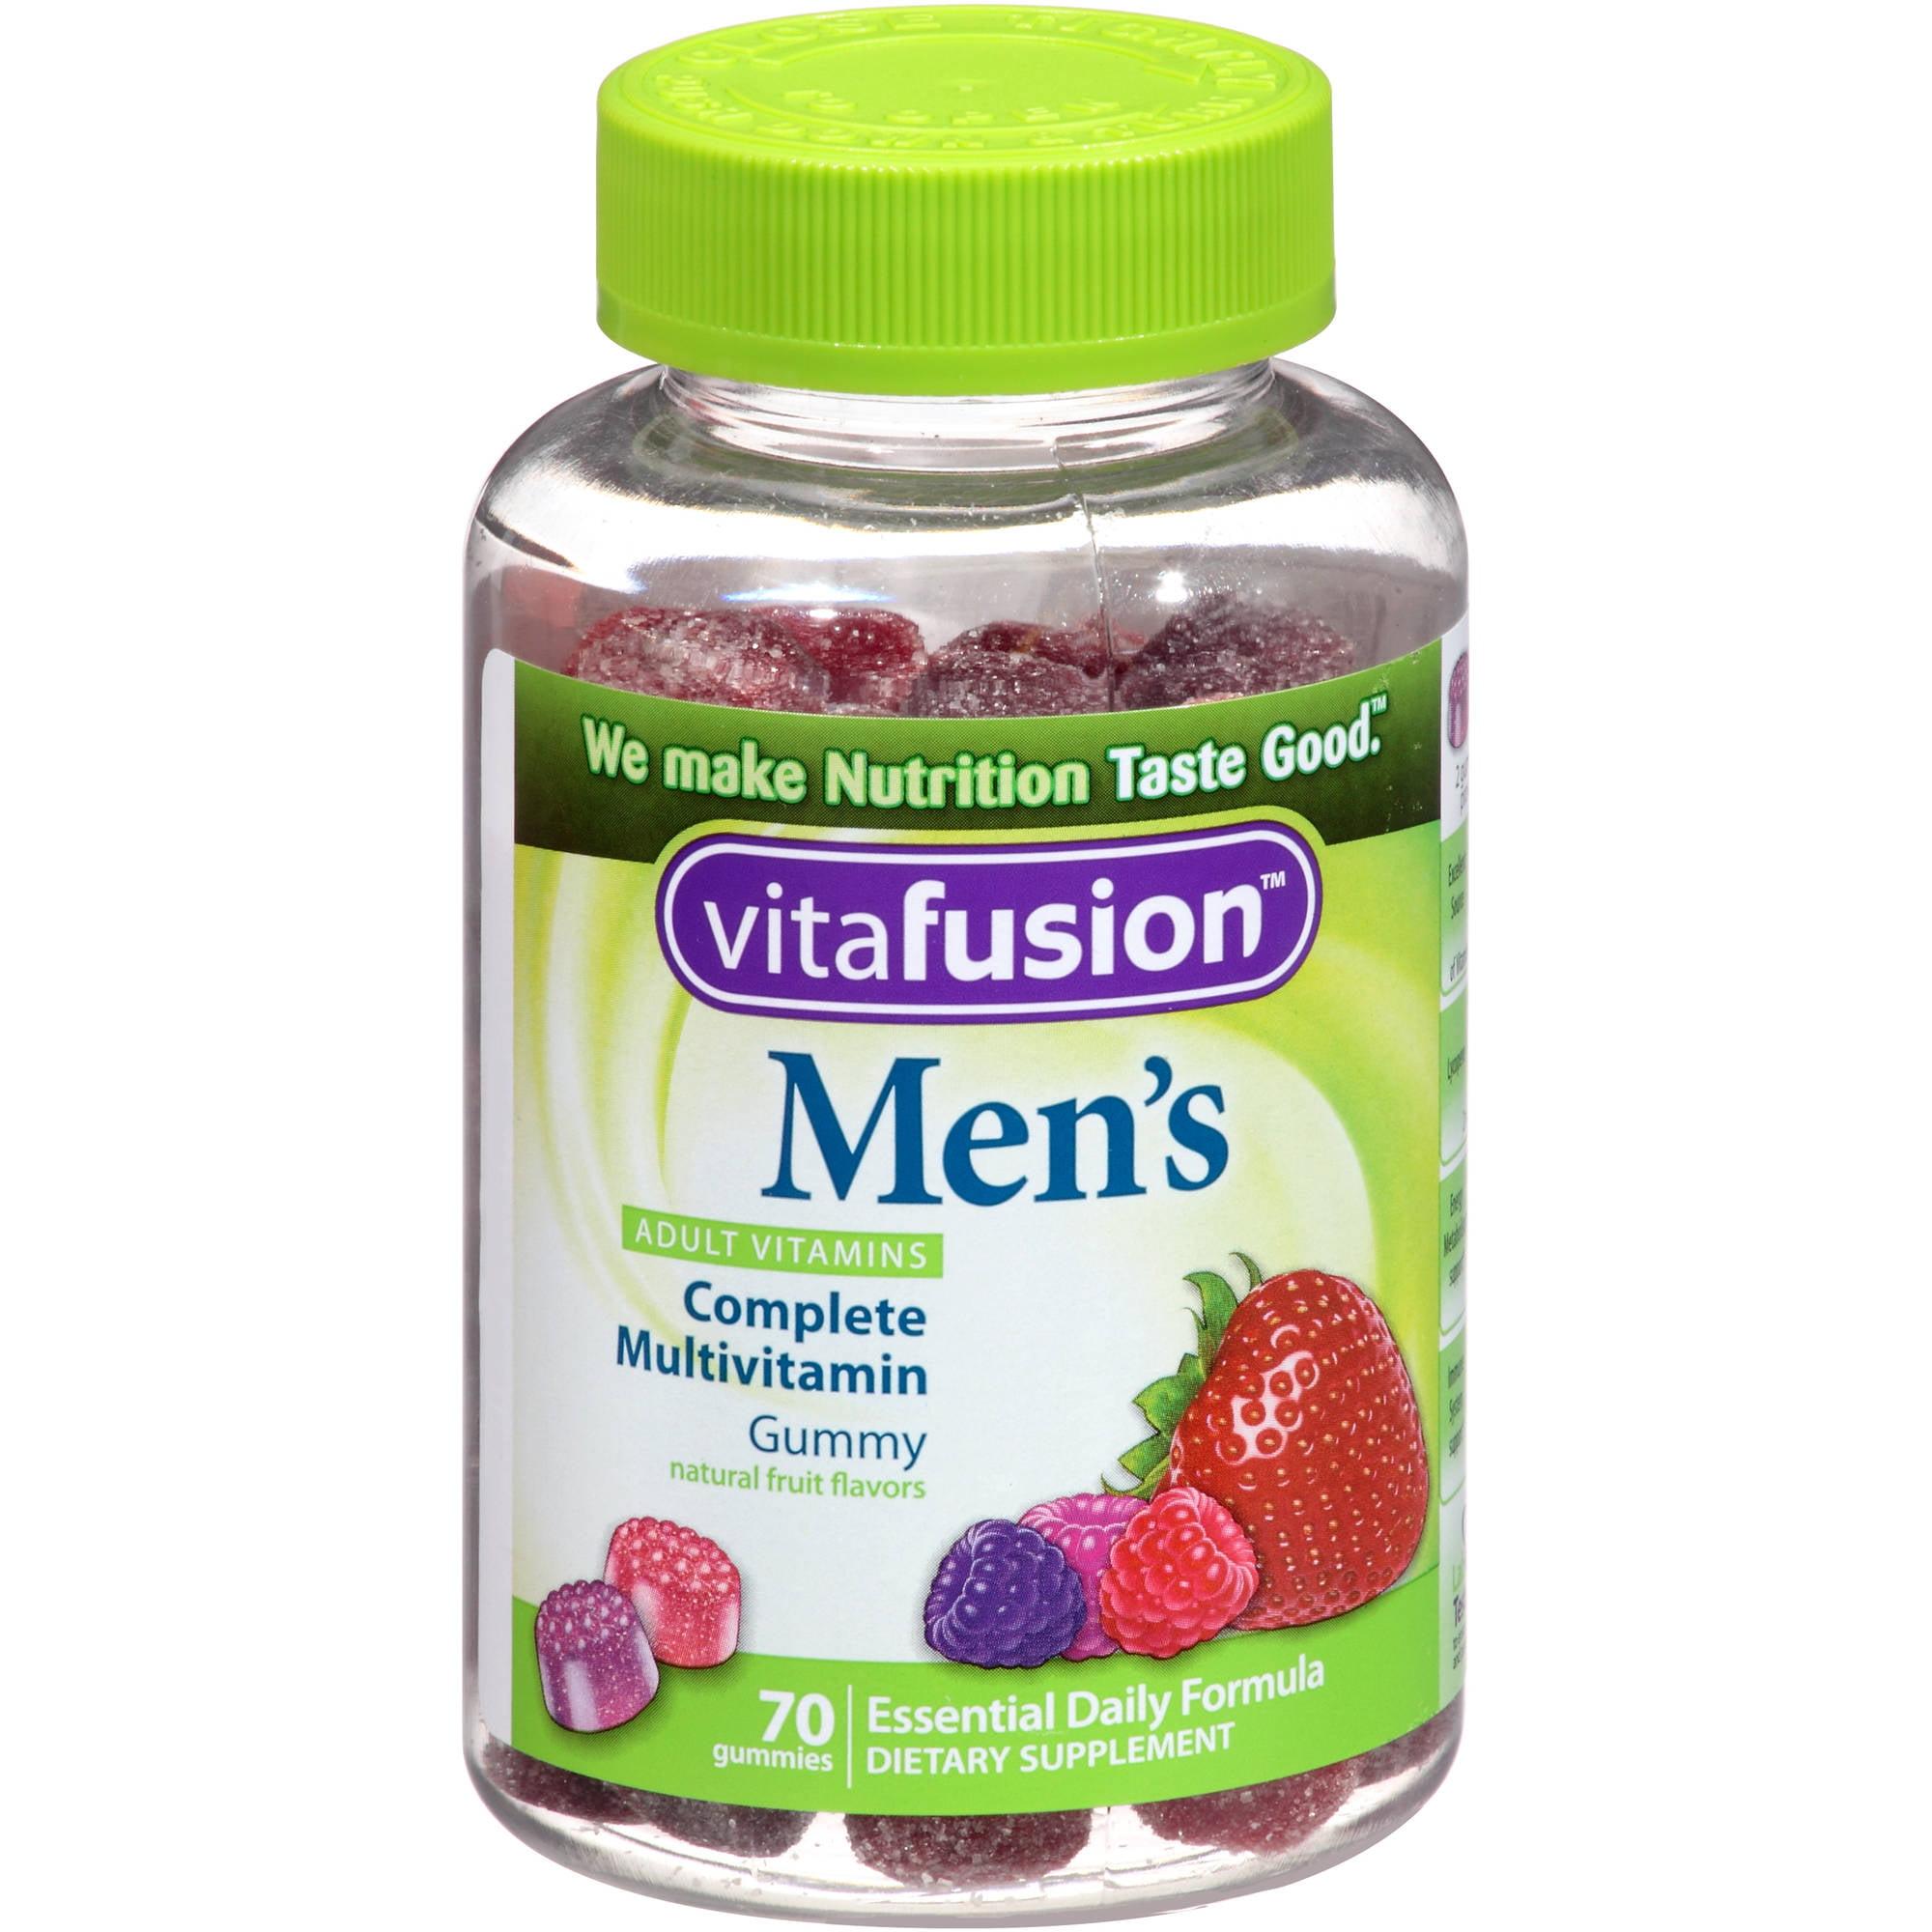 Vitafusion Men's Gummy Vitamins Complete MultiVitamin Formula, 70 count